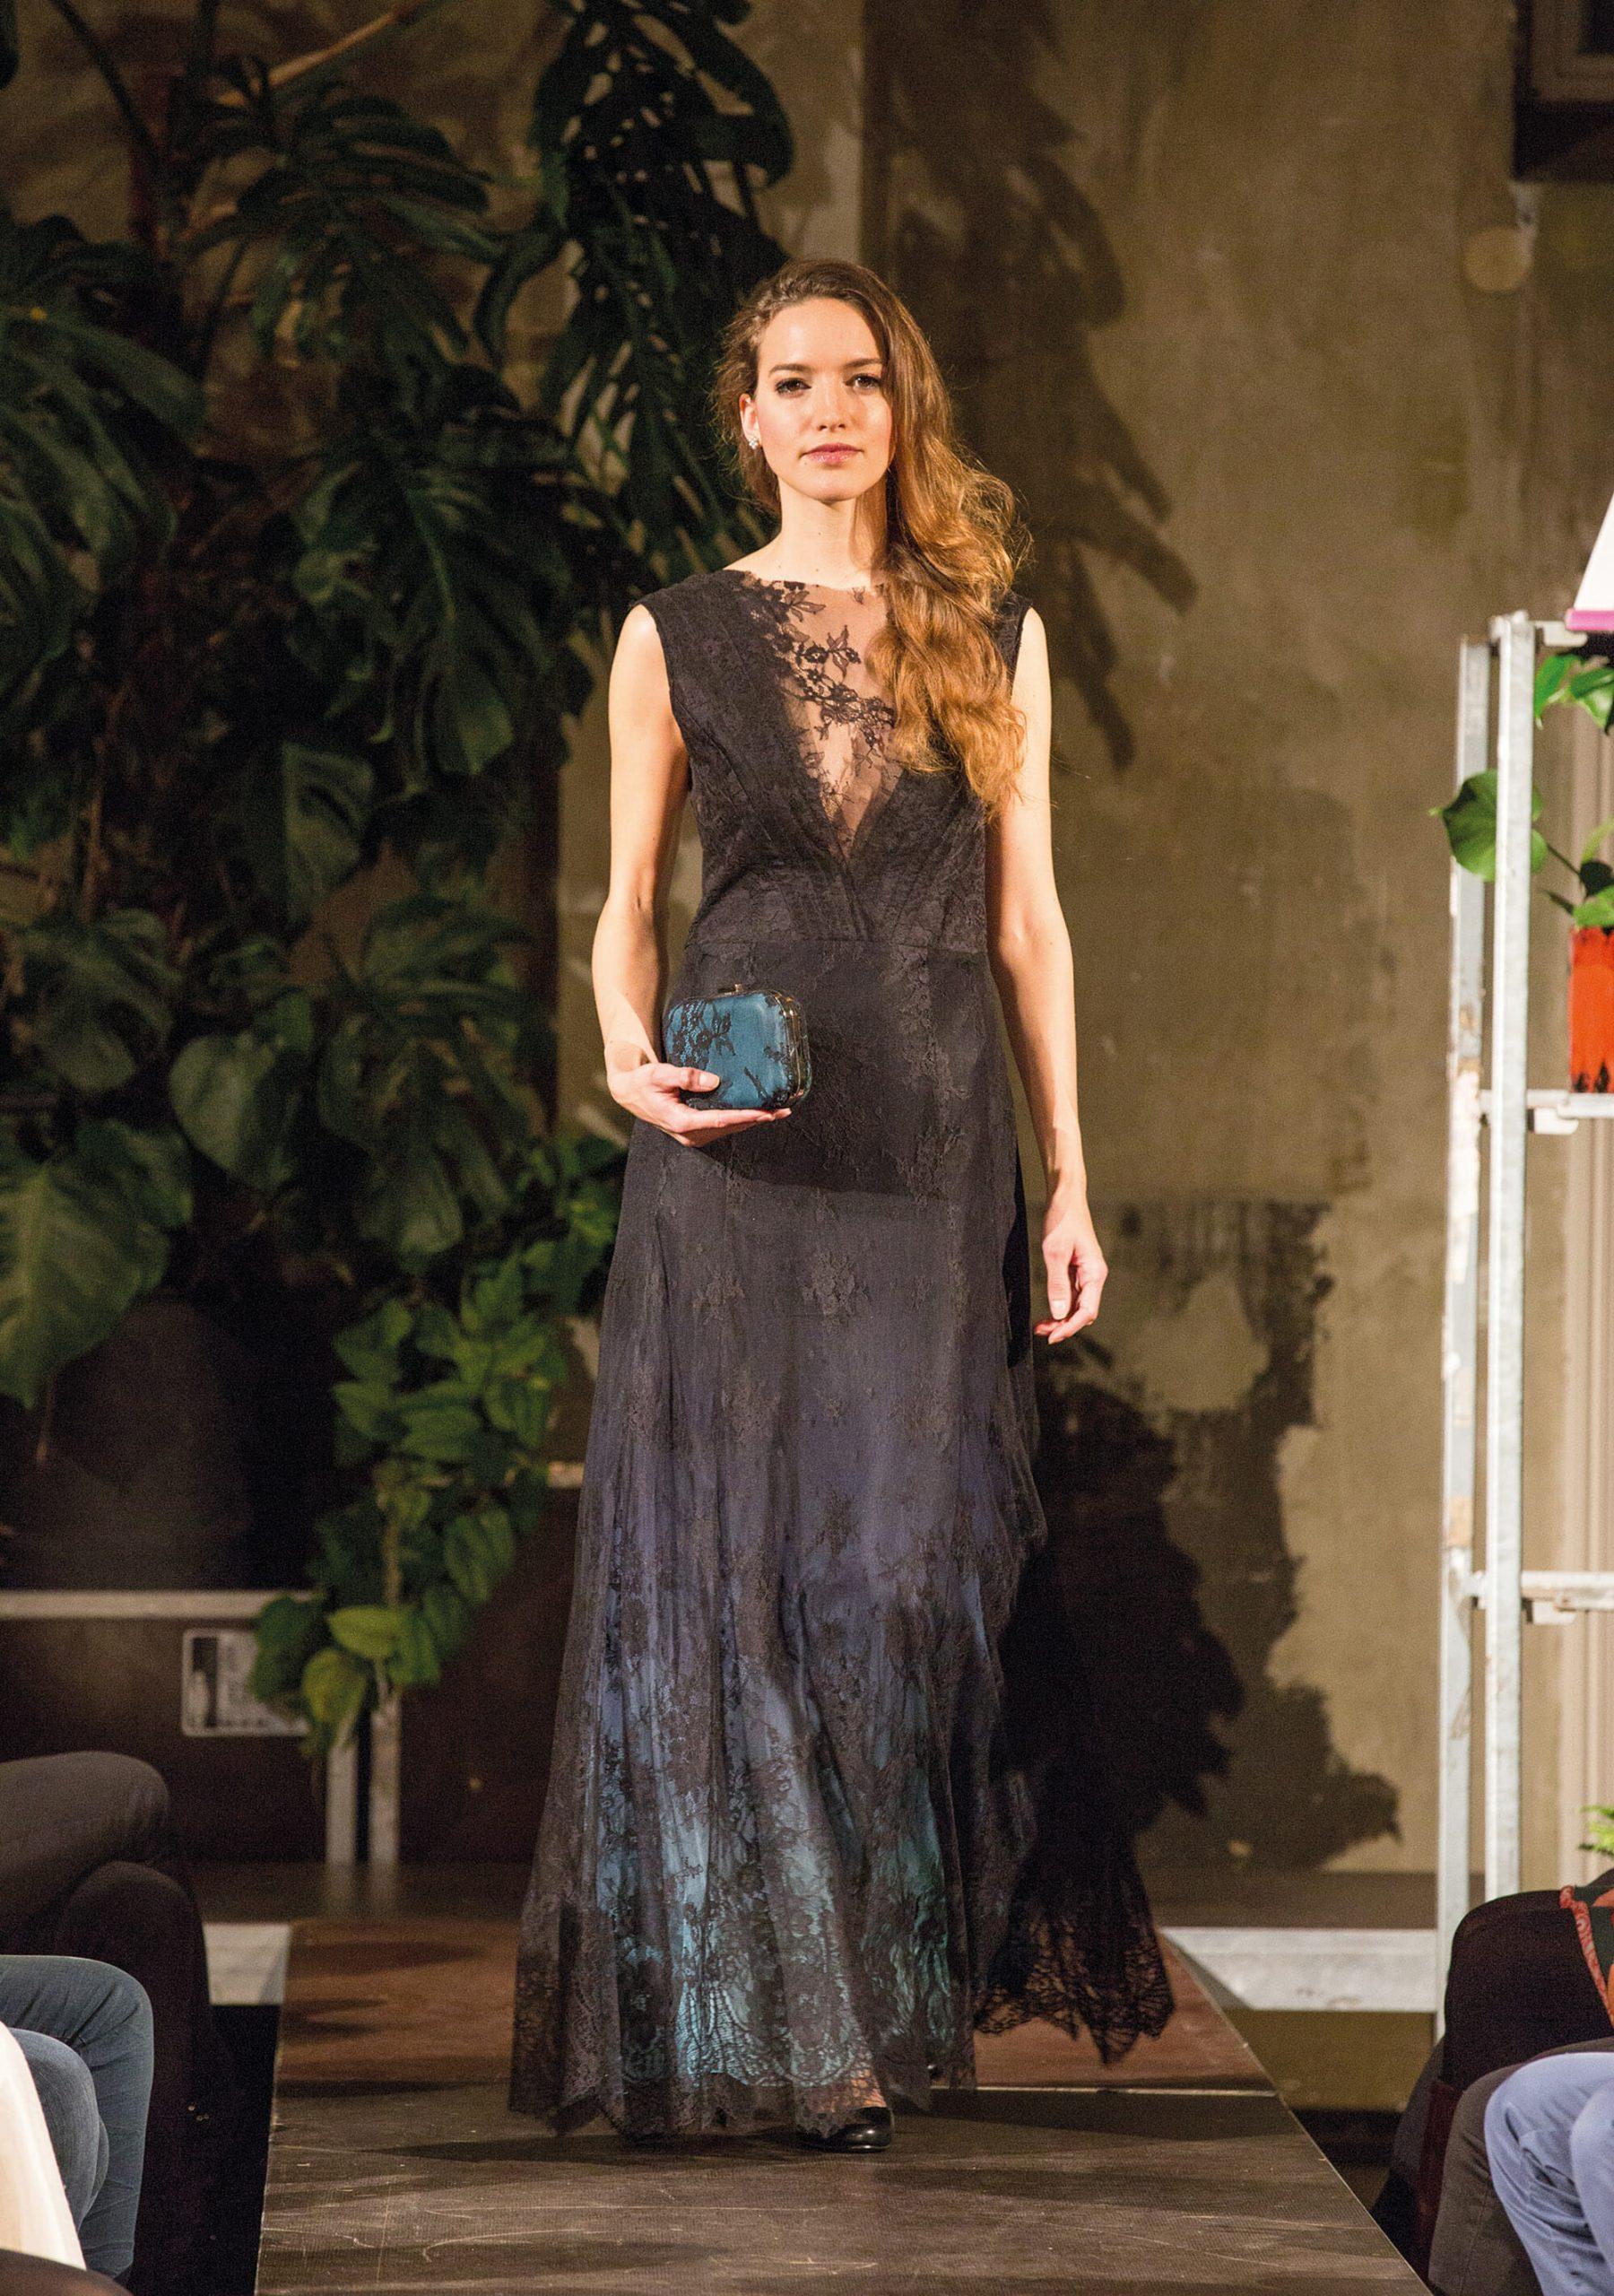 17 Leicht Designer Abendkleid GalerieDesigner Ausgezeichnet Designer Abendkleid Stylish